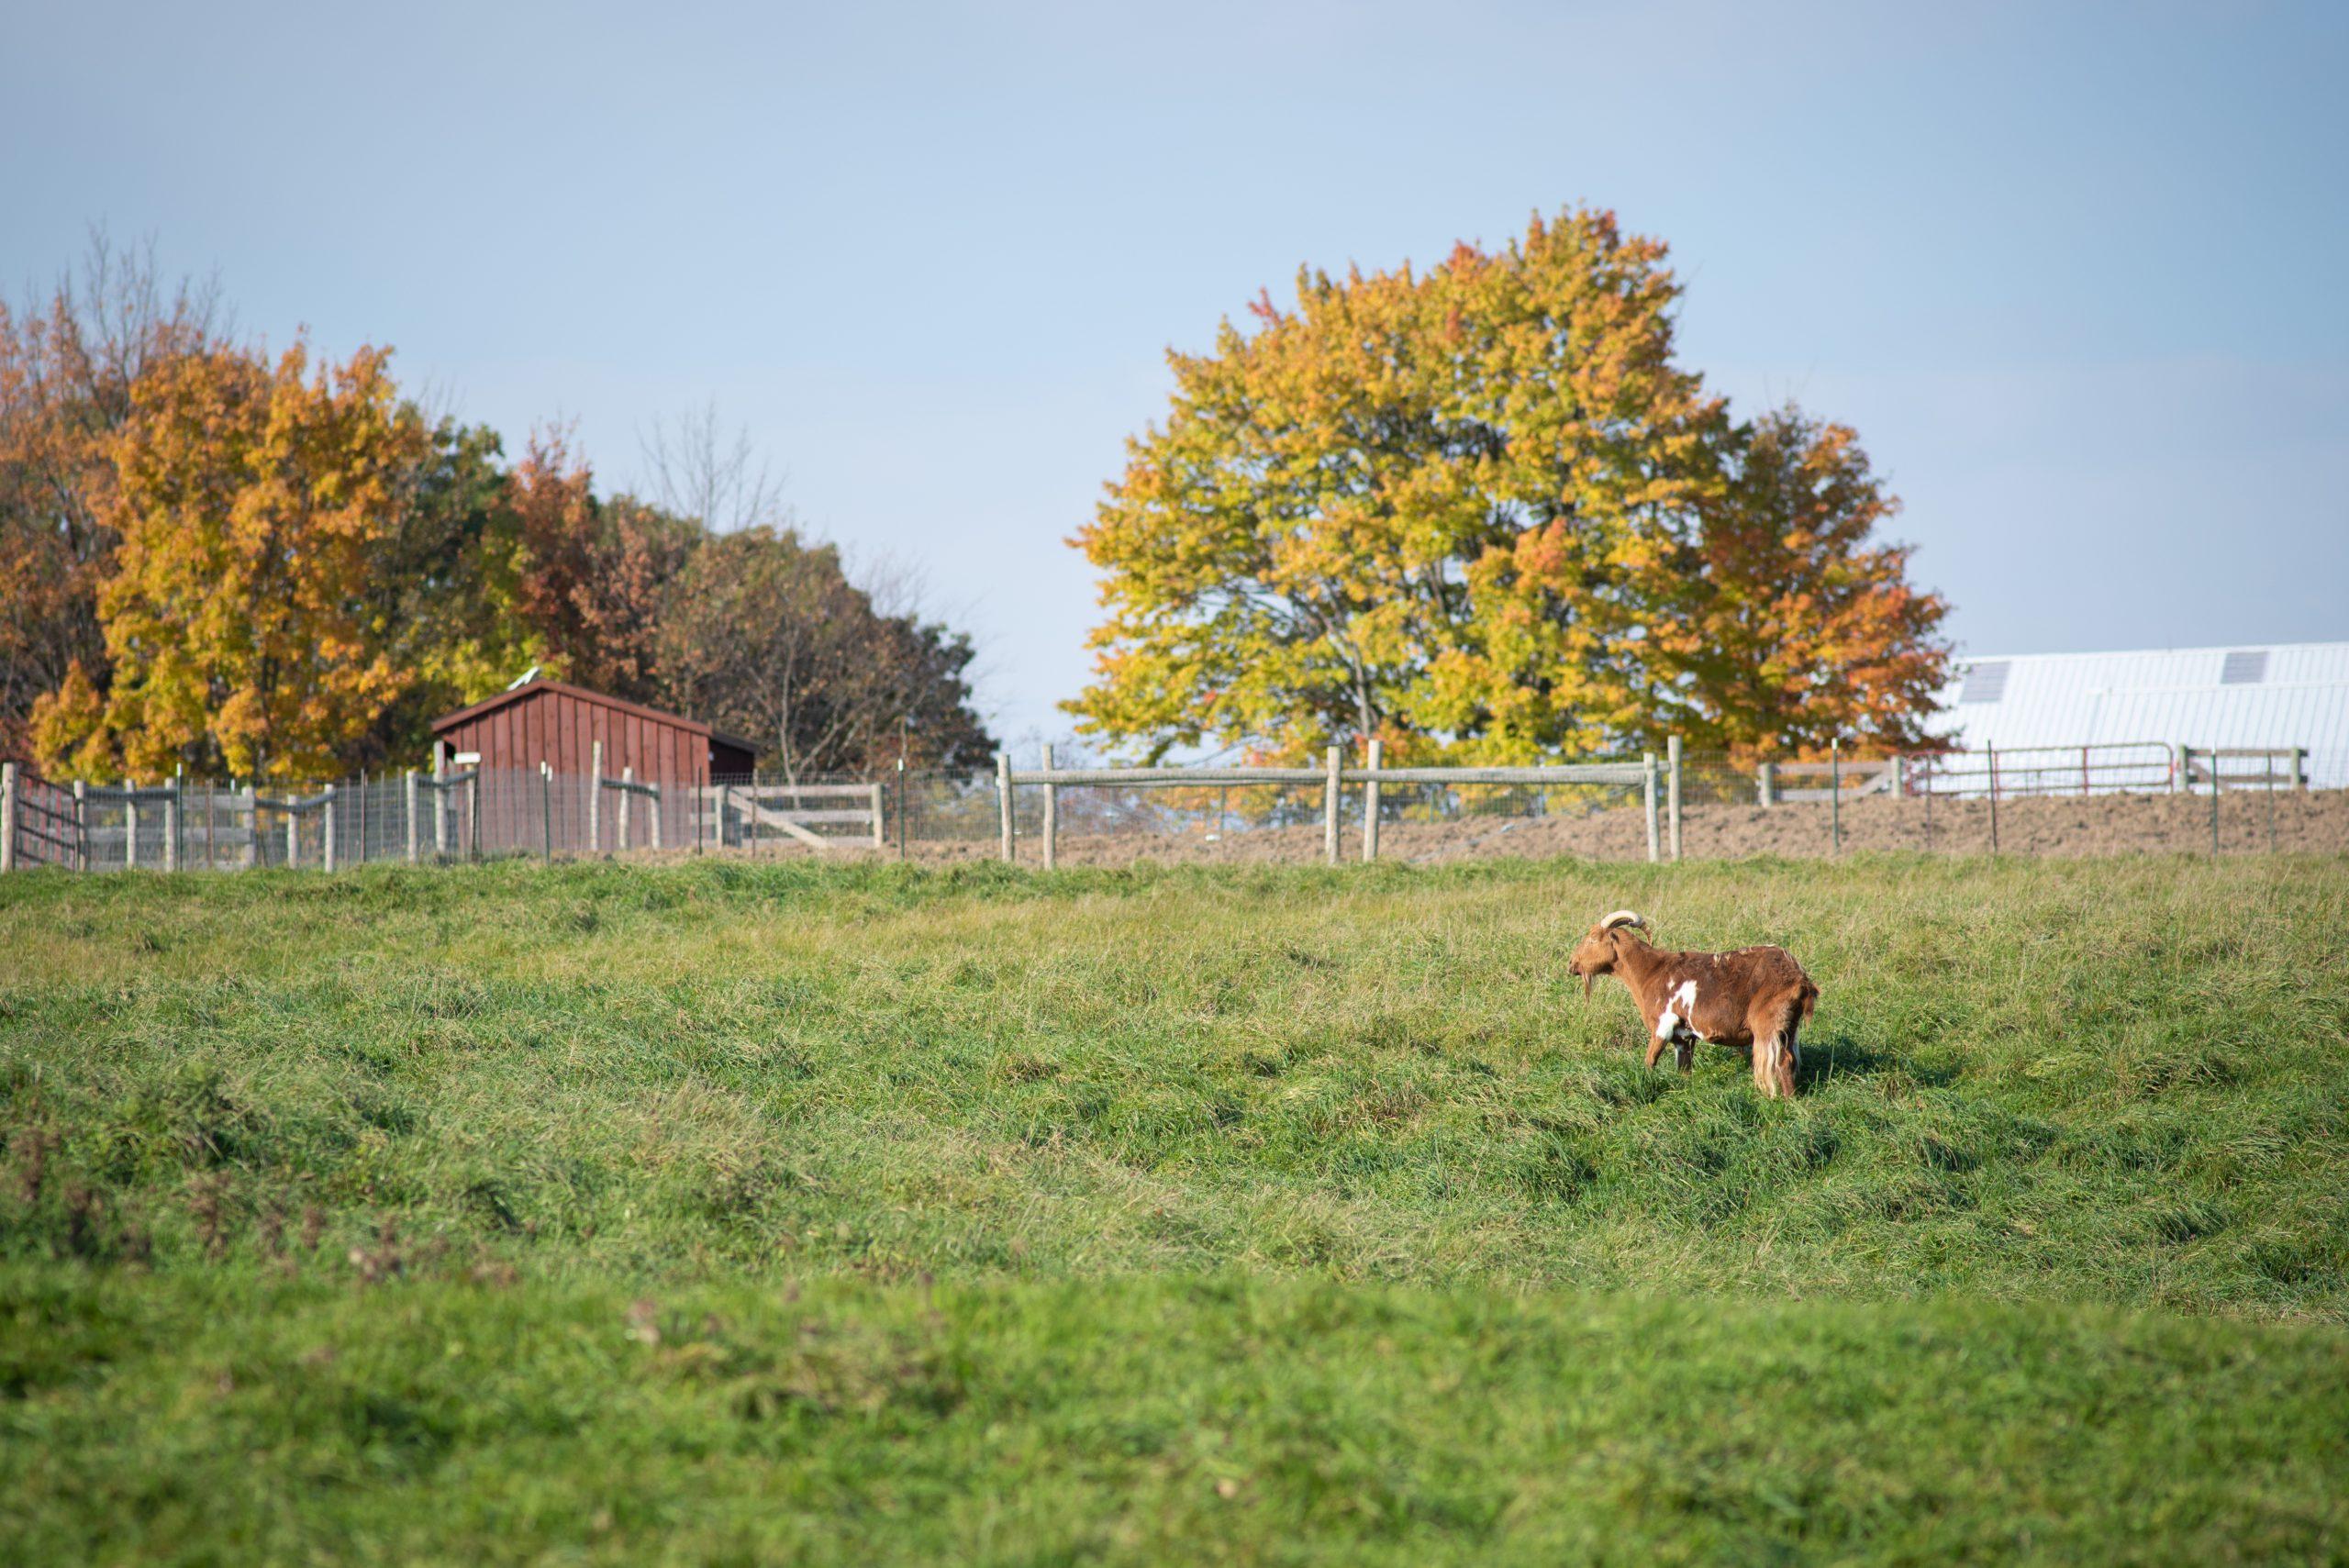 Sir Galahad goat at Farm Sanctuary